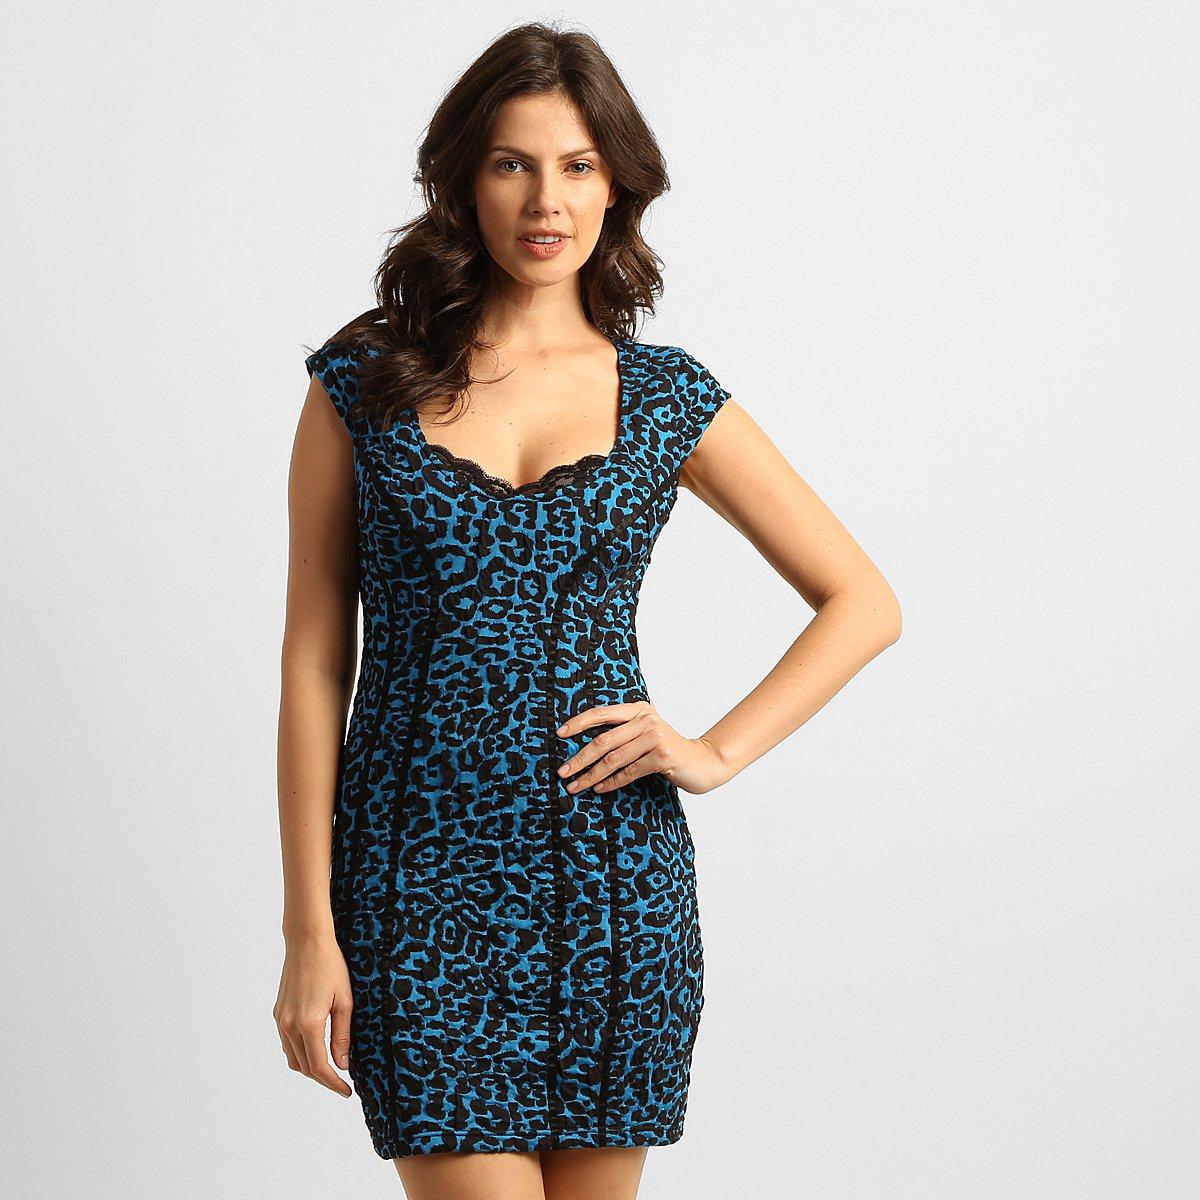 Vestido azul e preto extra